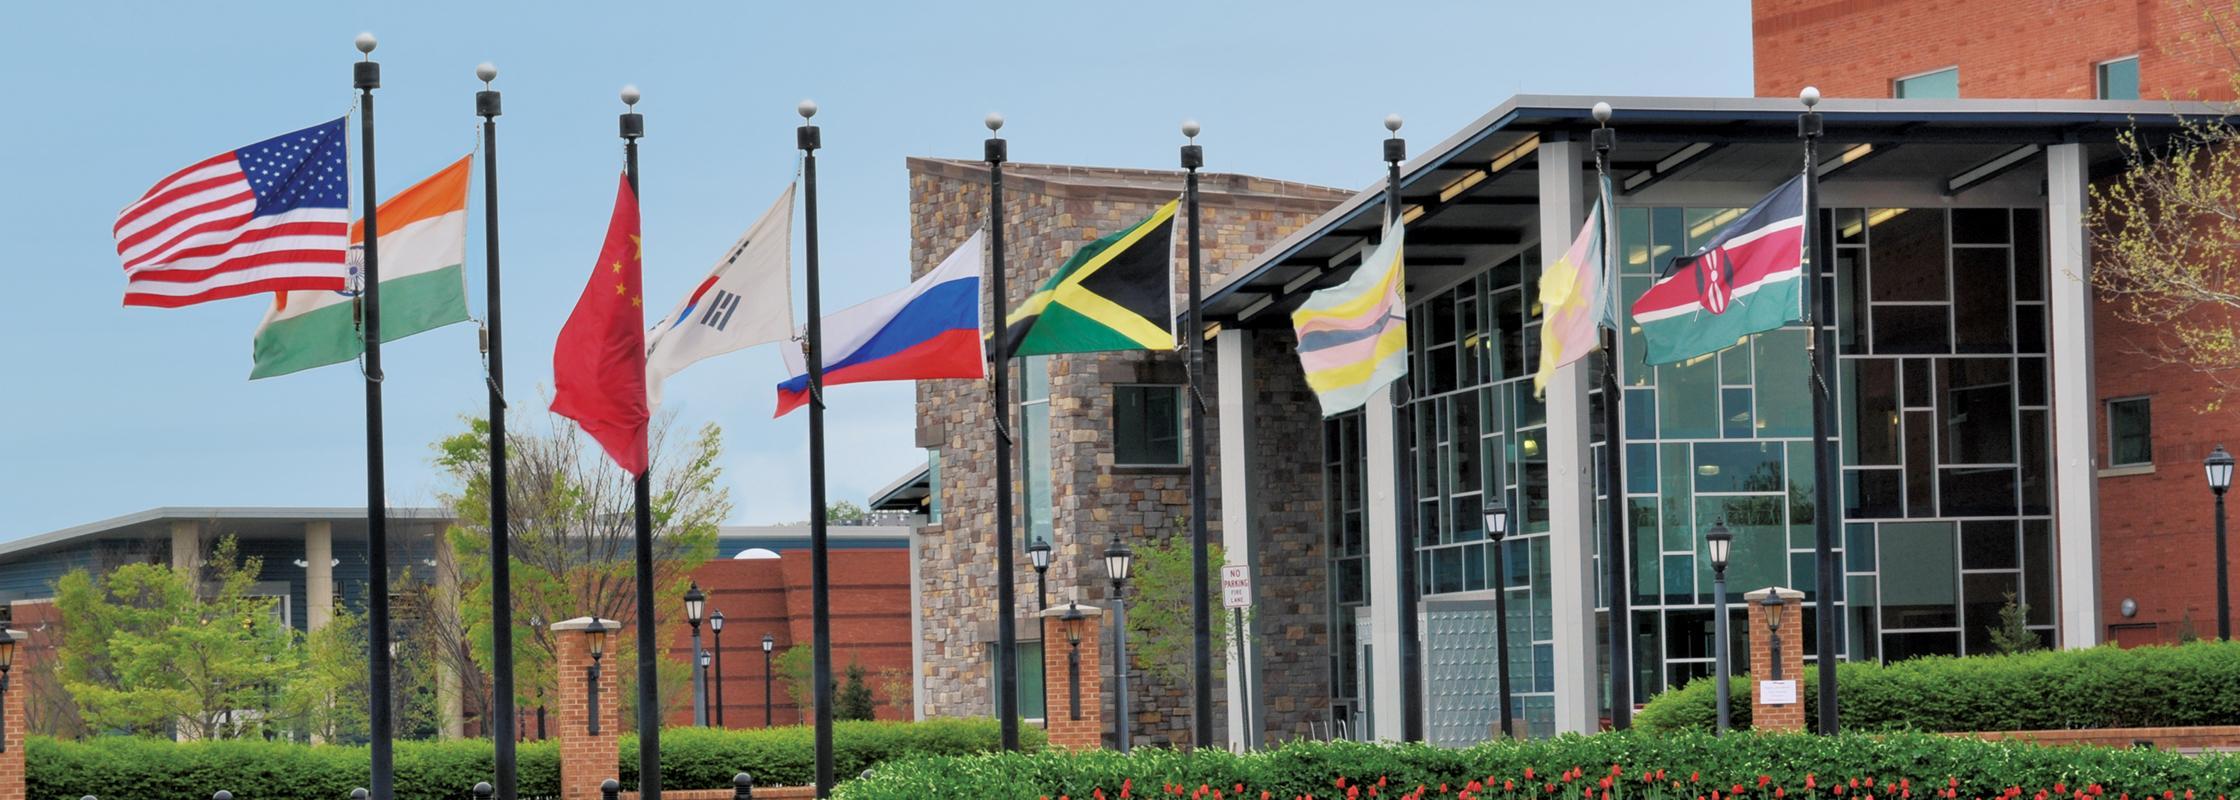 International flags at DSU entrance